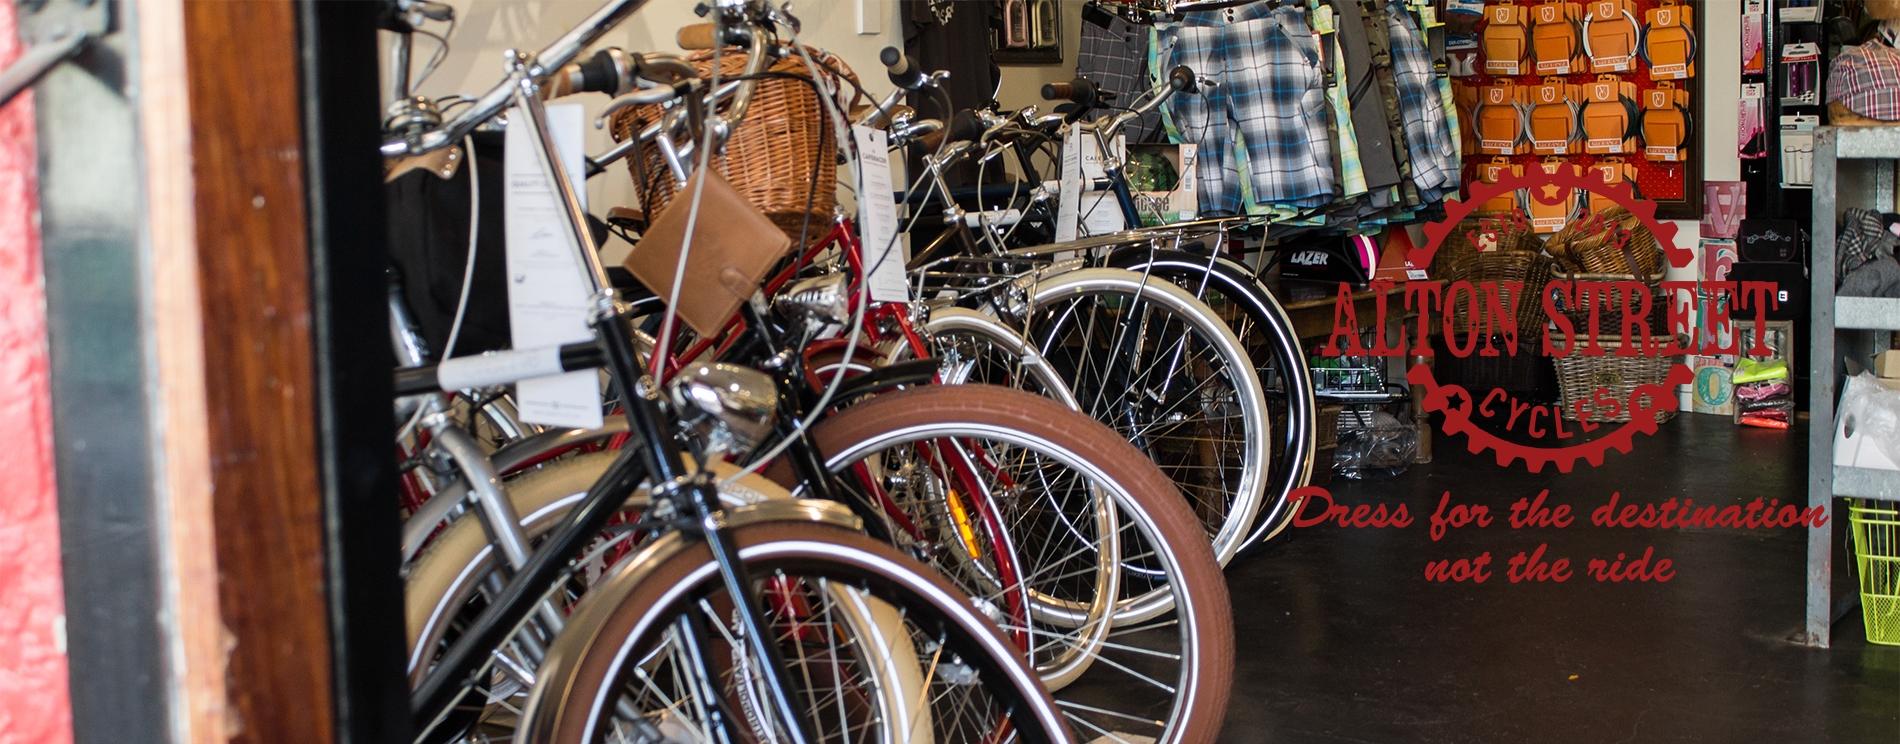 Alton St Cycles